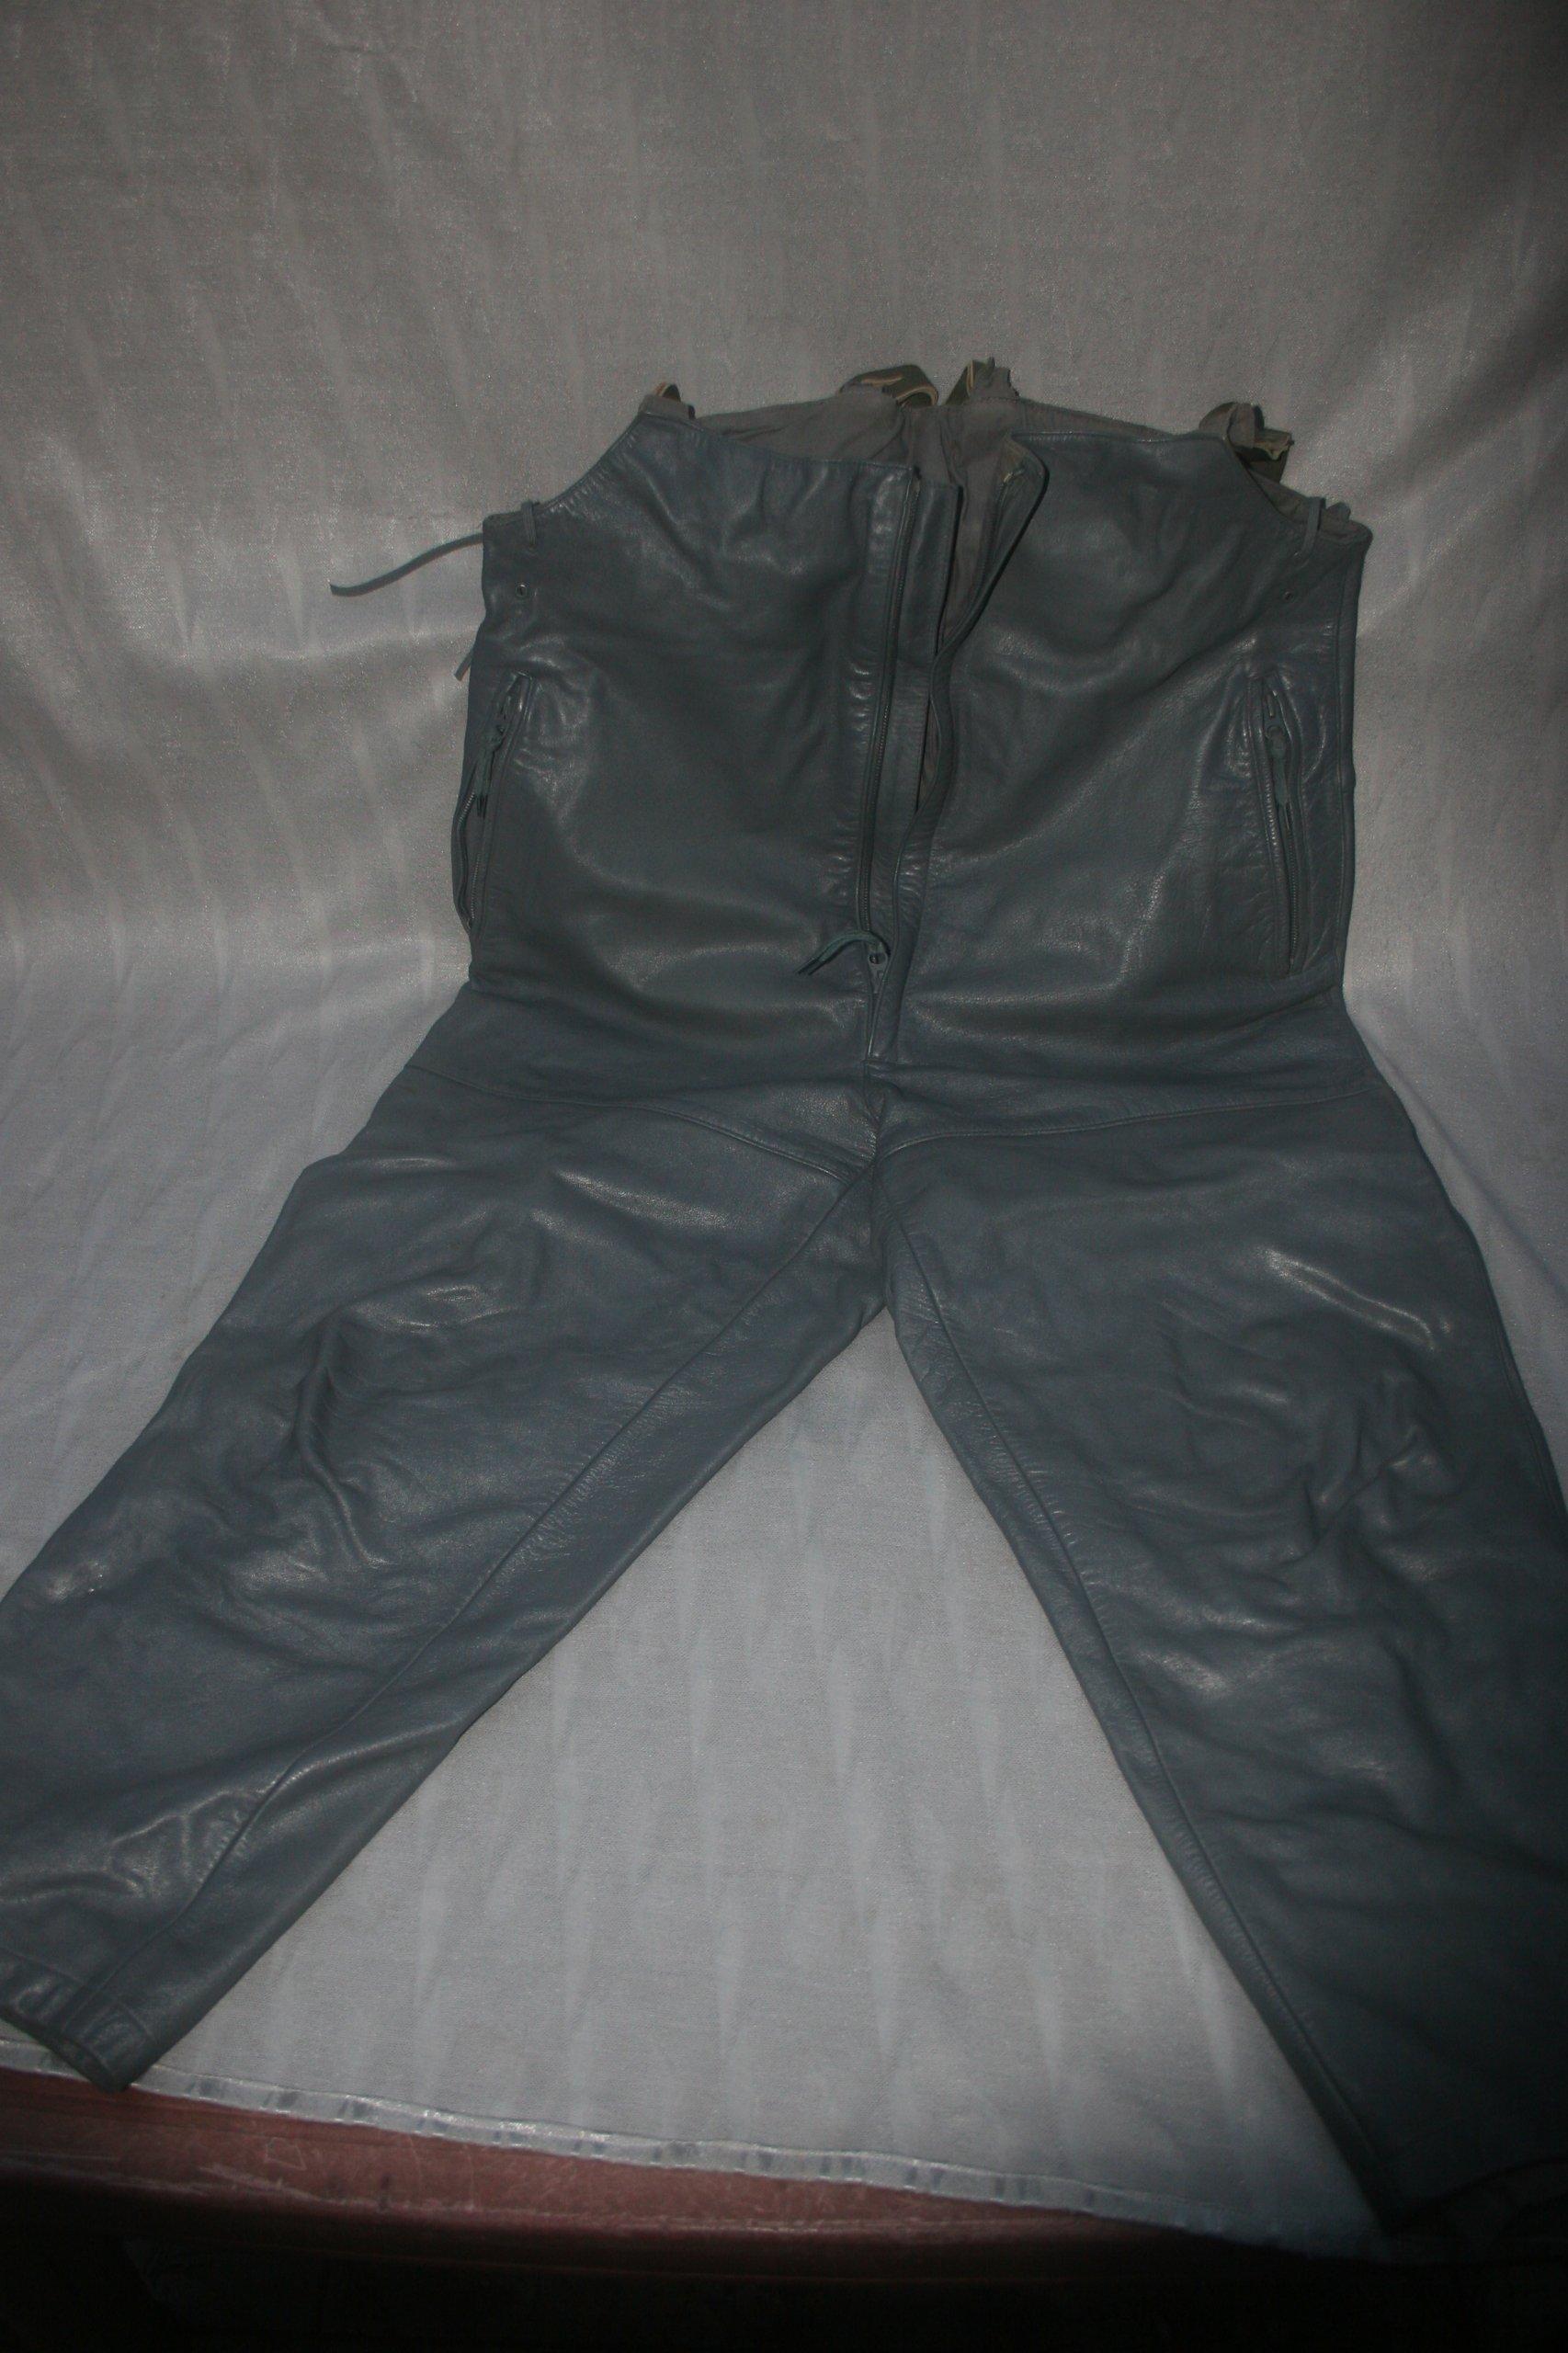 e71c8d0fe2cb kurtki skórzane w kategorii Kolekcje warszawa w Oficjalnym Archiwum Allegro  - archiwum ofert